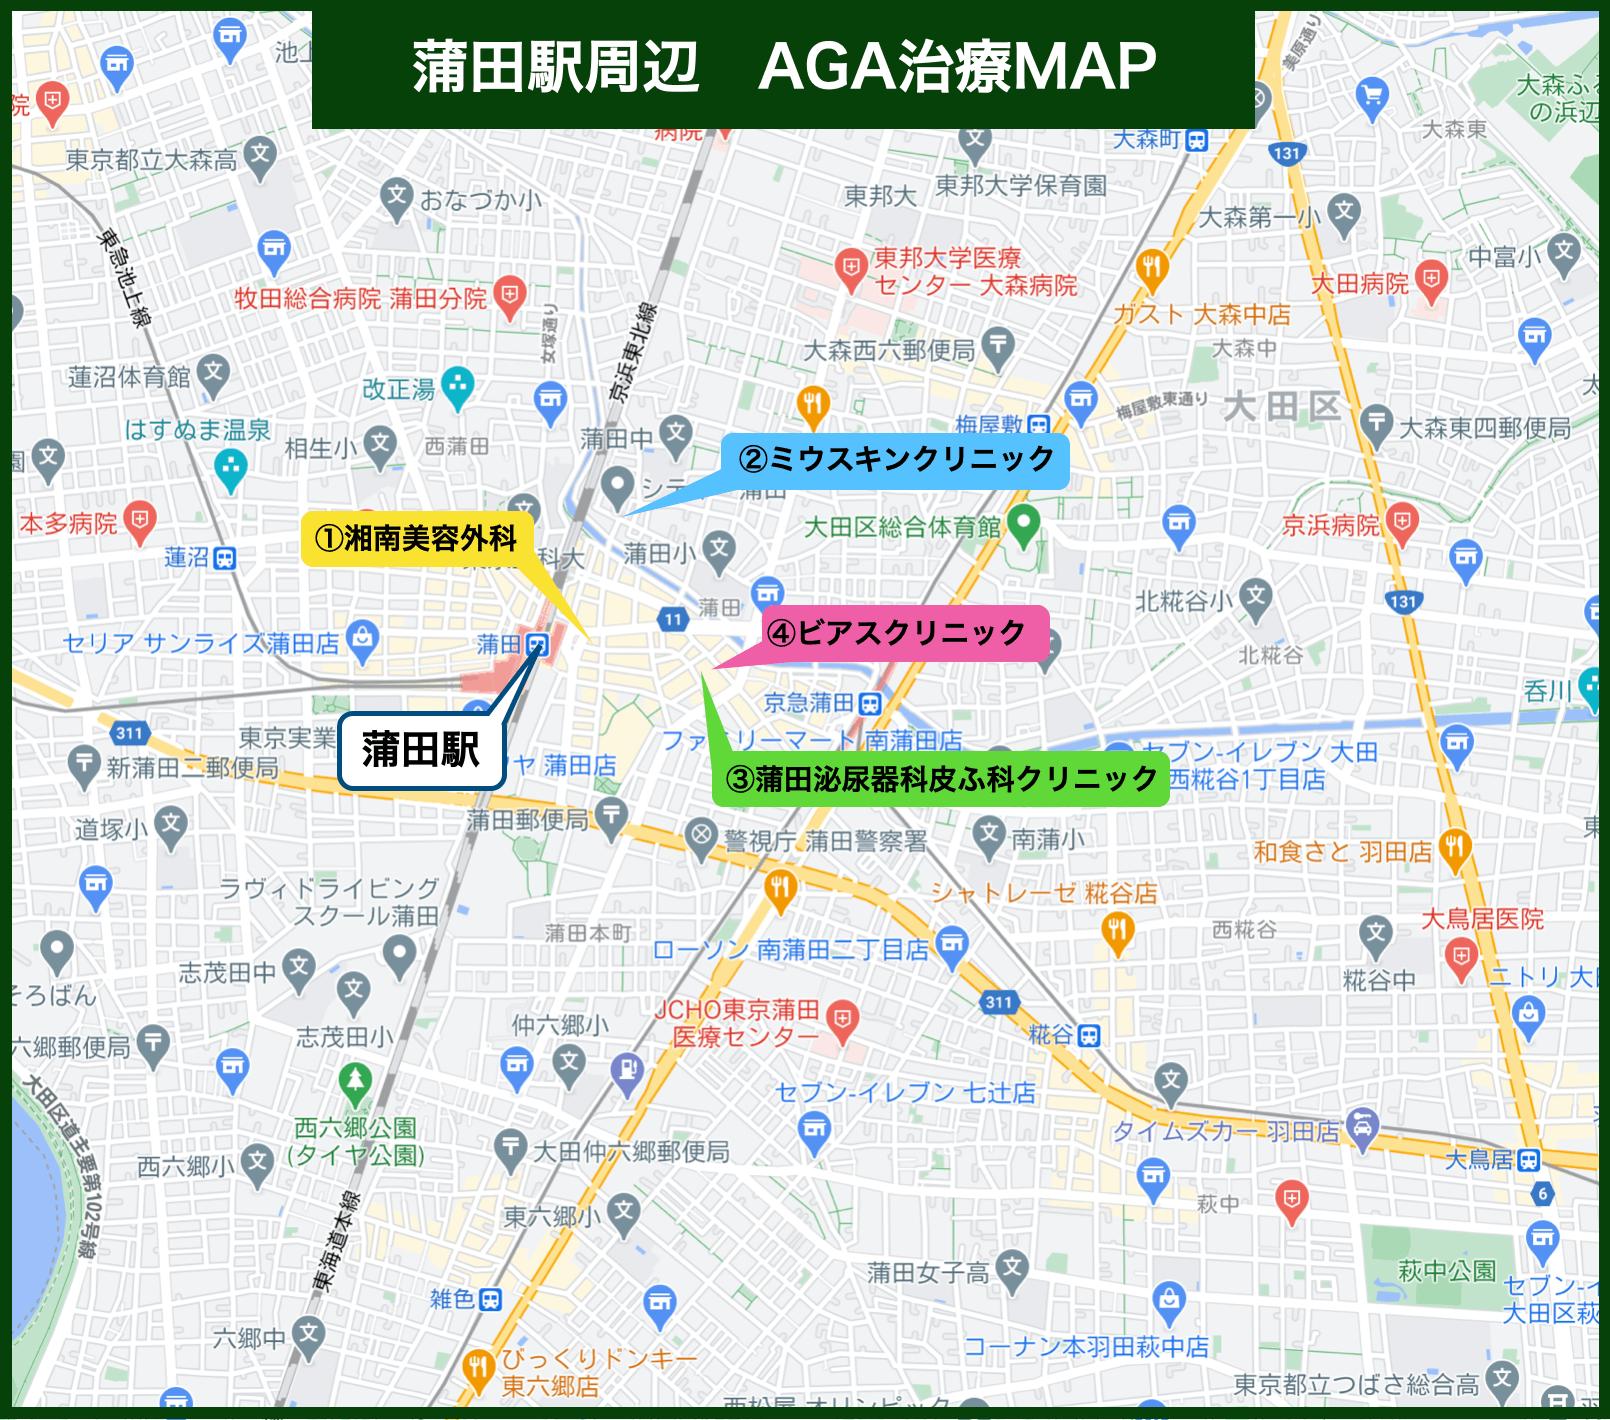 蒲田駅周辺 AGA治療MAP